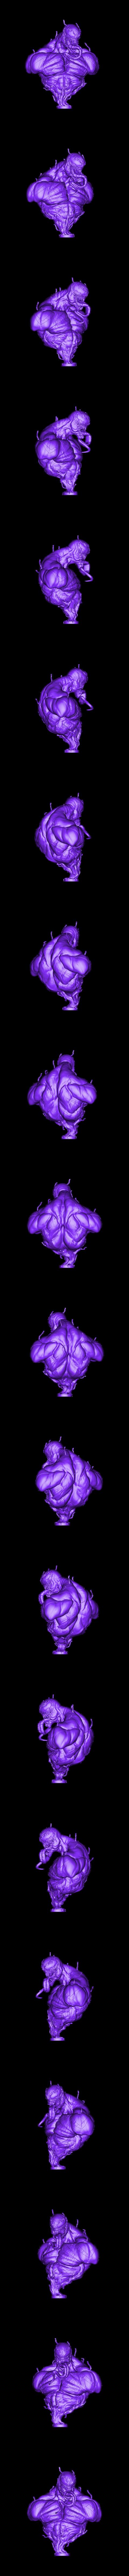 Venom.stl Download OBJ file Venom • 3D printing object, Dynastinae